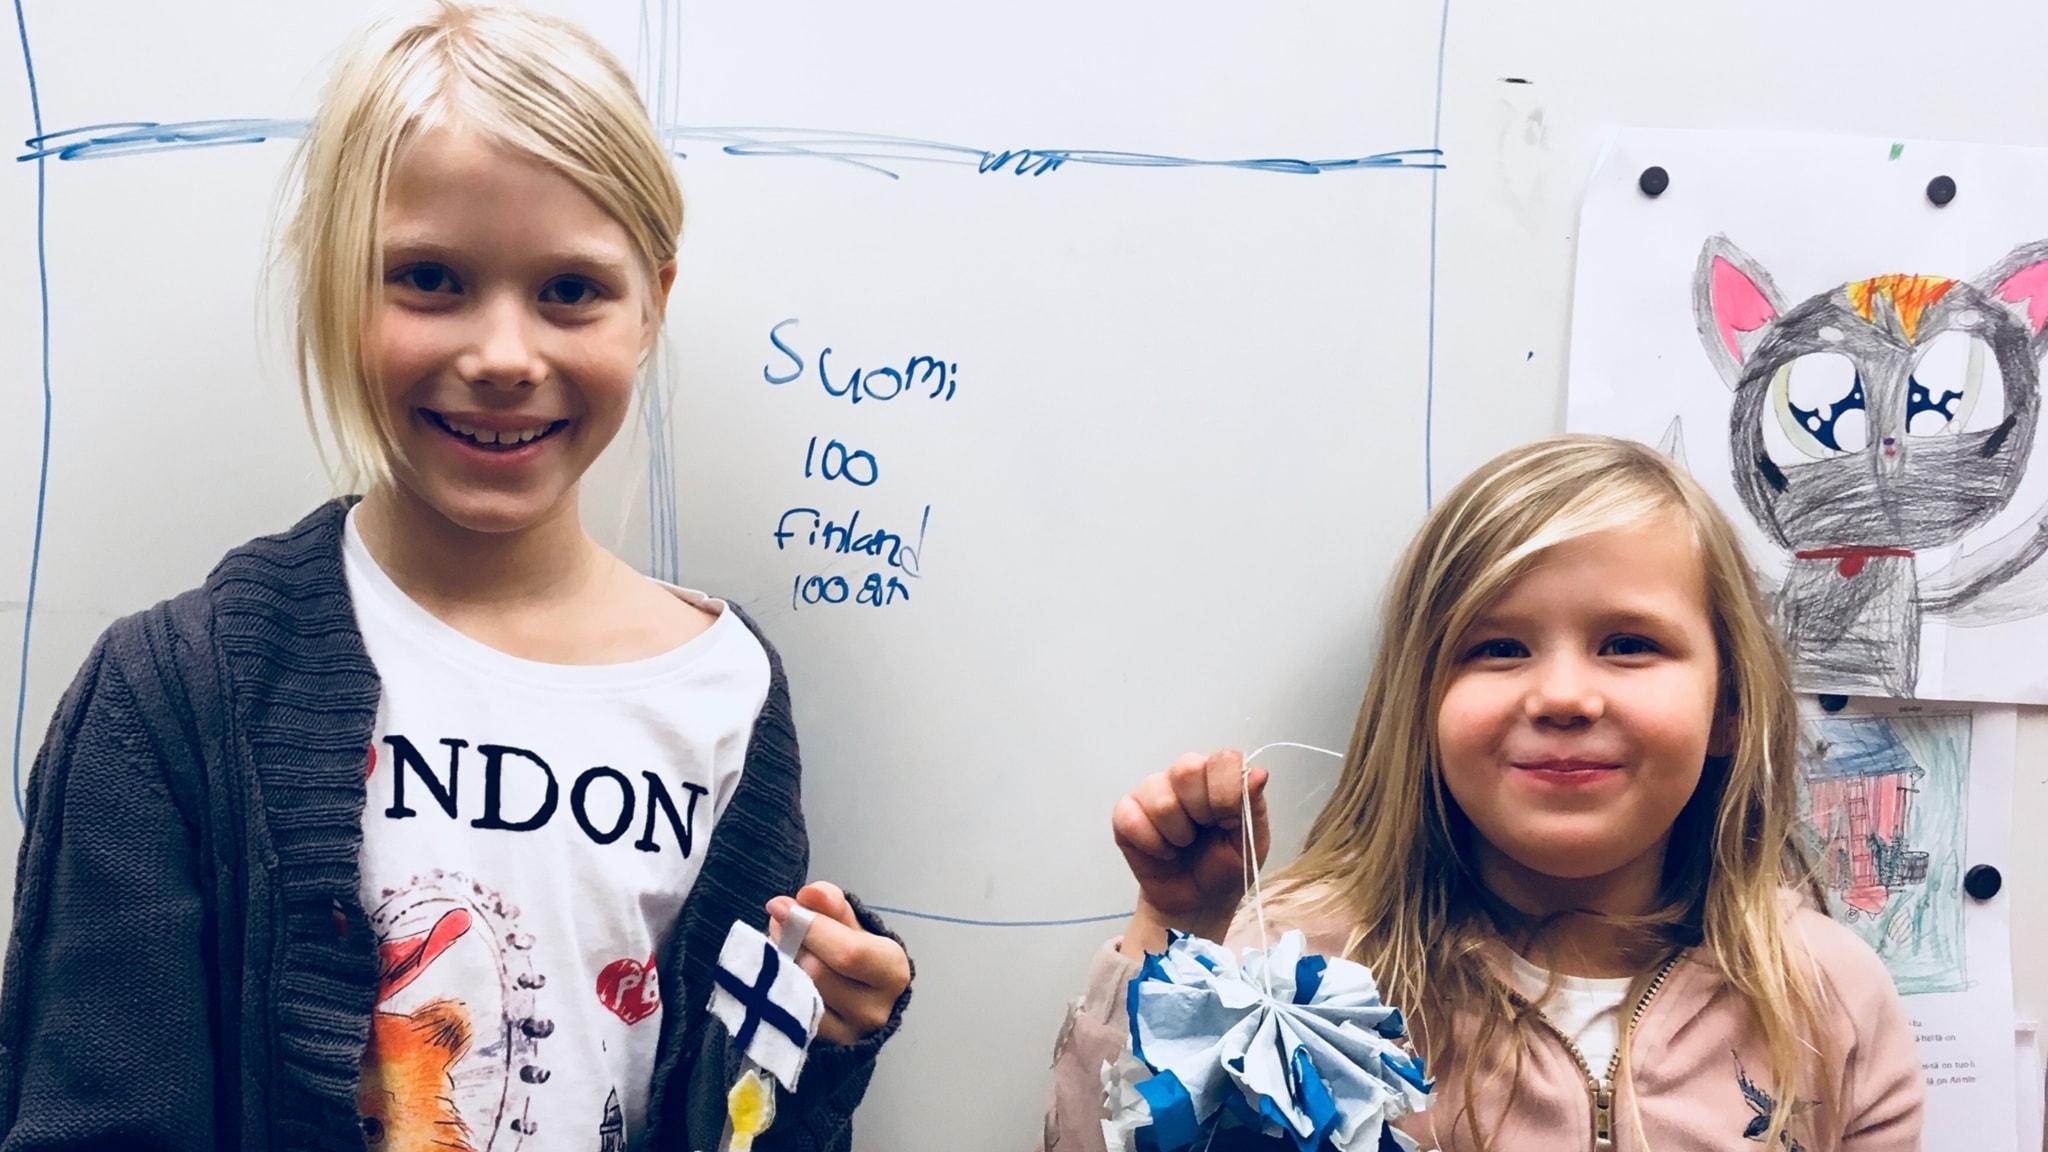 Leialle ja Irikselle Suomi merkitsee iloa